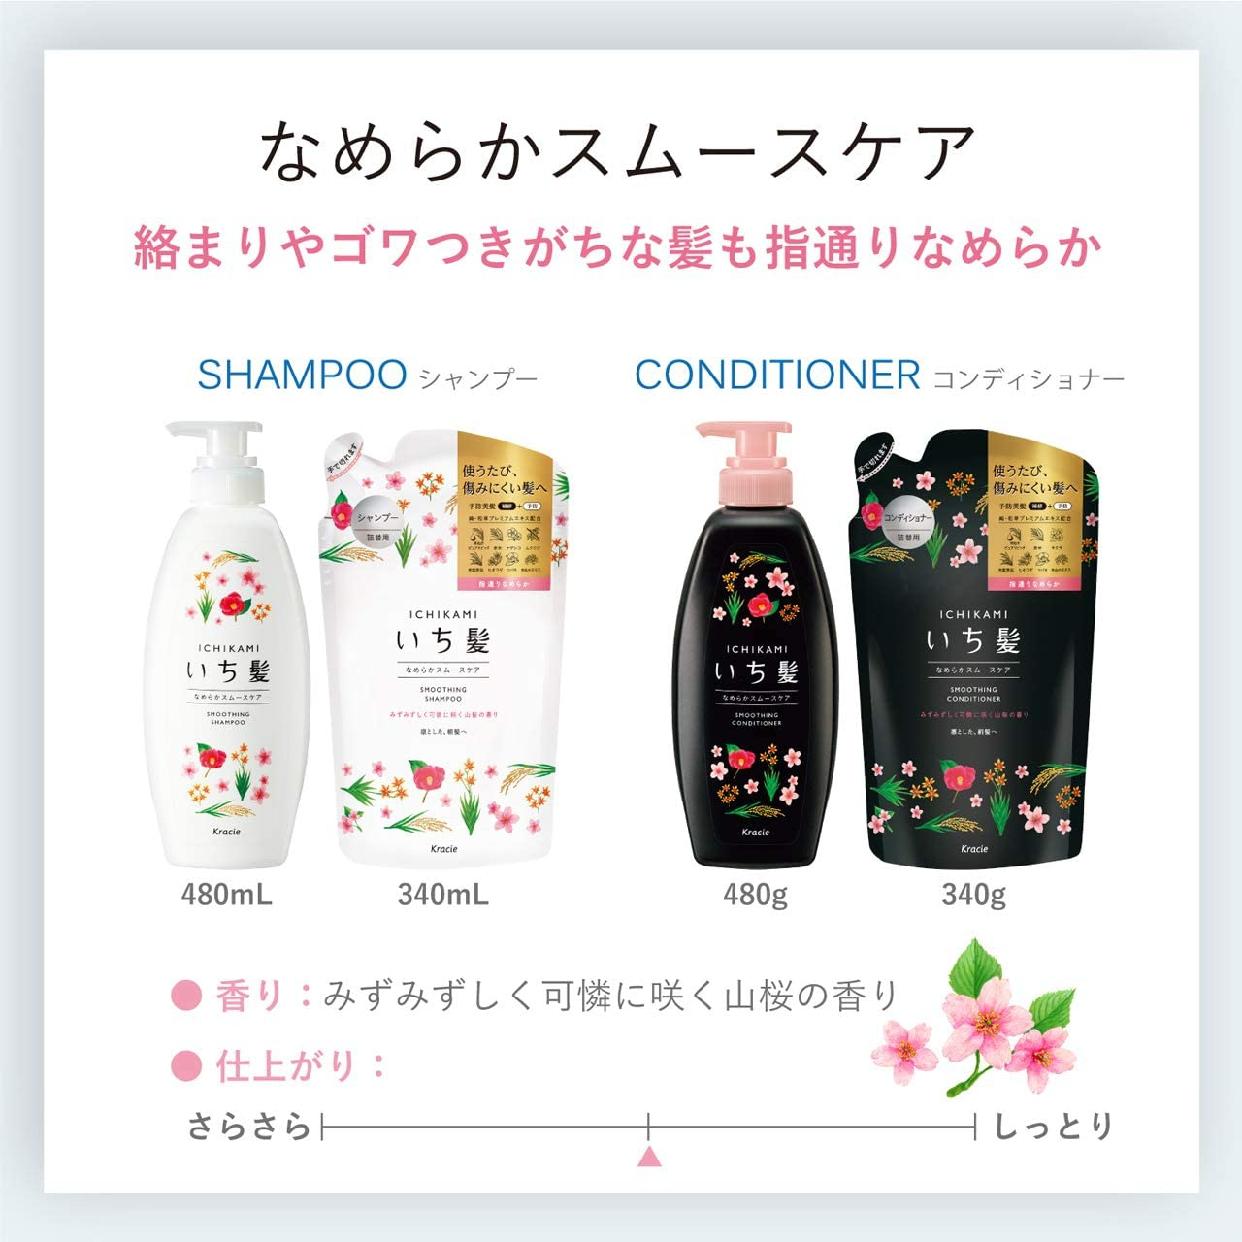 いち髪(いちかみ)なめらかスムースケア コンディショナーの商品画像6